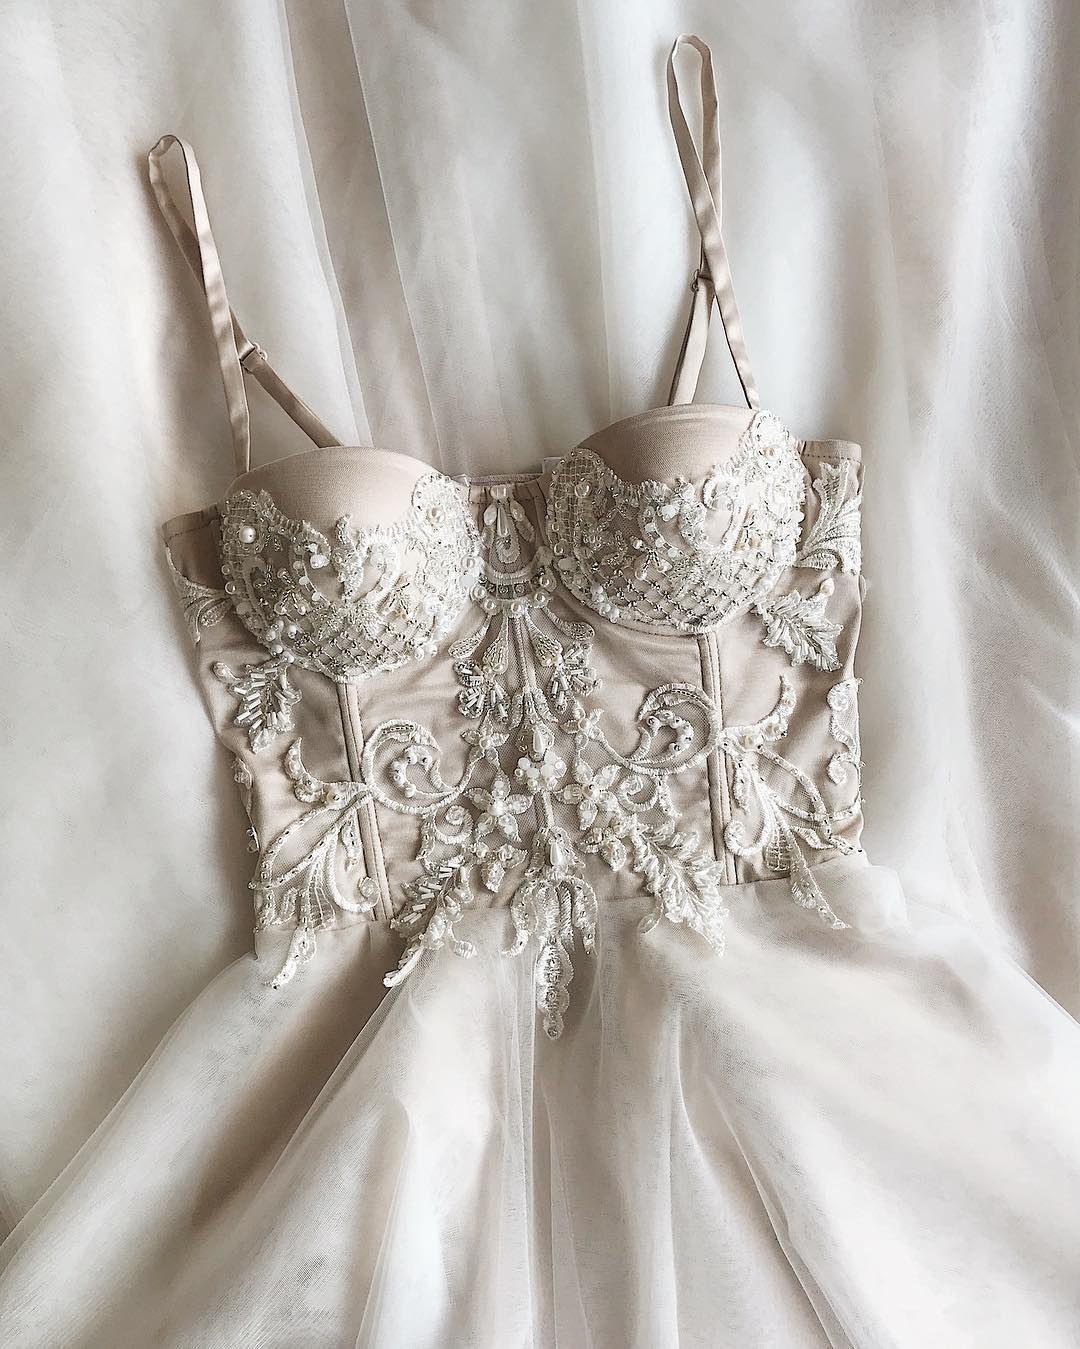 13 Einzigartig F&P Abendkleider Bester Preis20 Großartig F&P Abendkleider Spezialgebiet